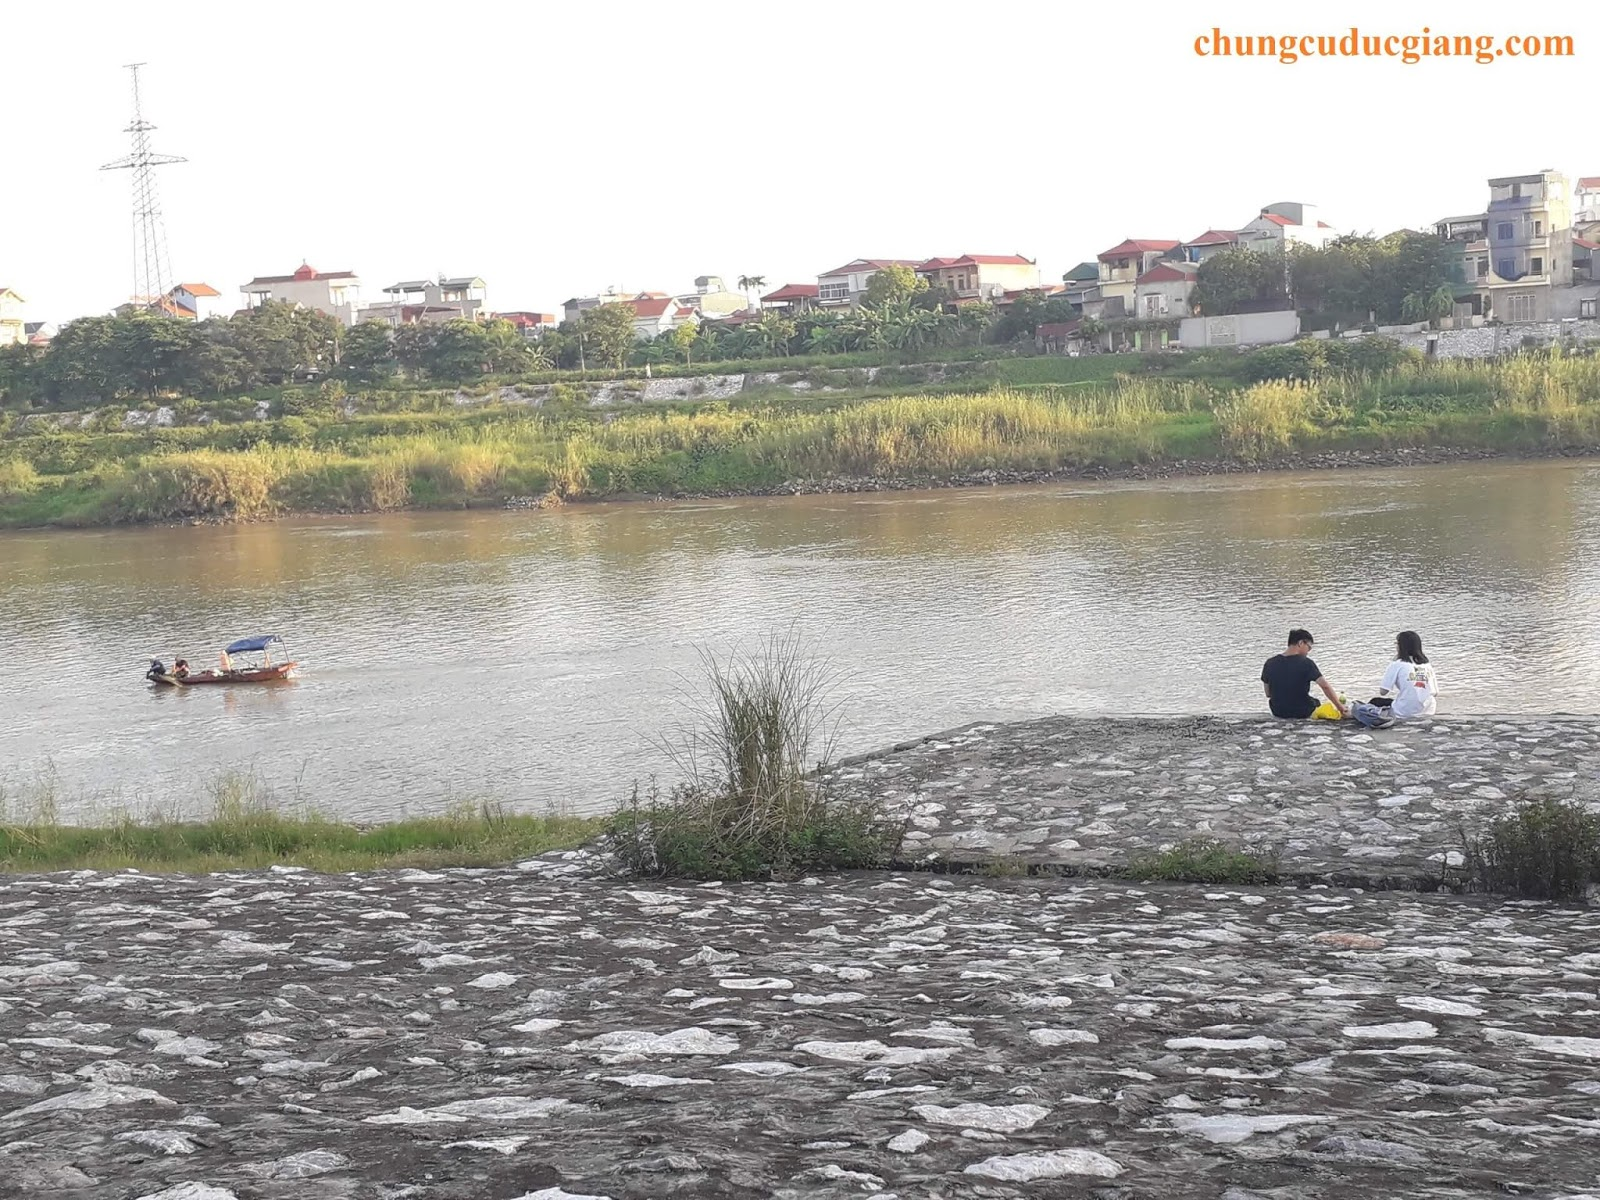 Đôi bạn trẻ đang tâm sự bên sông.